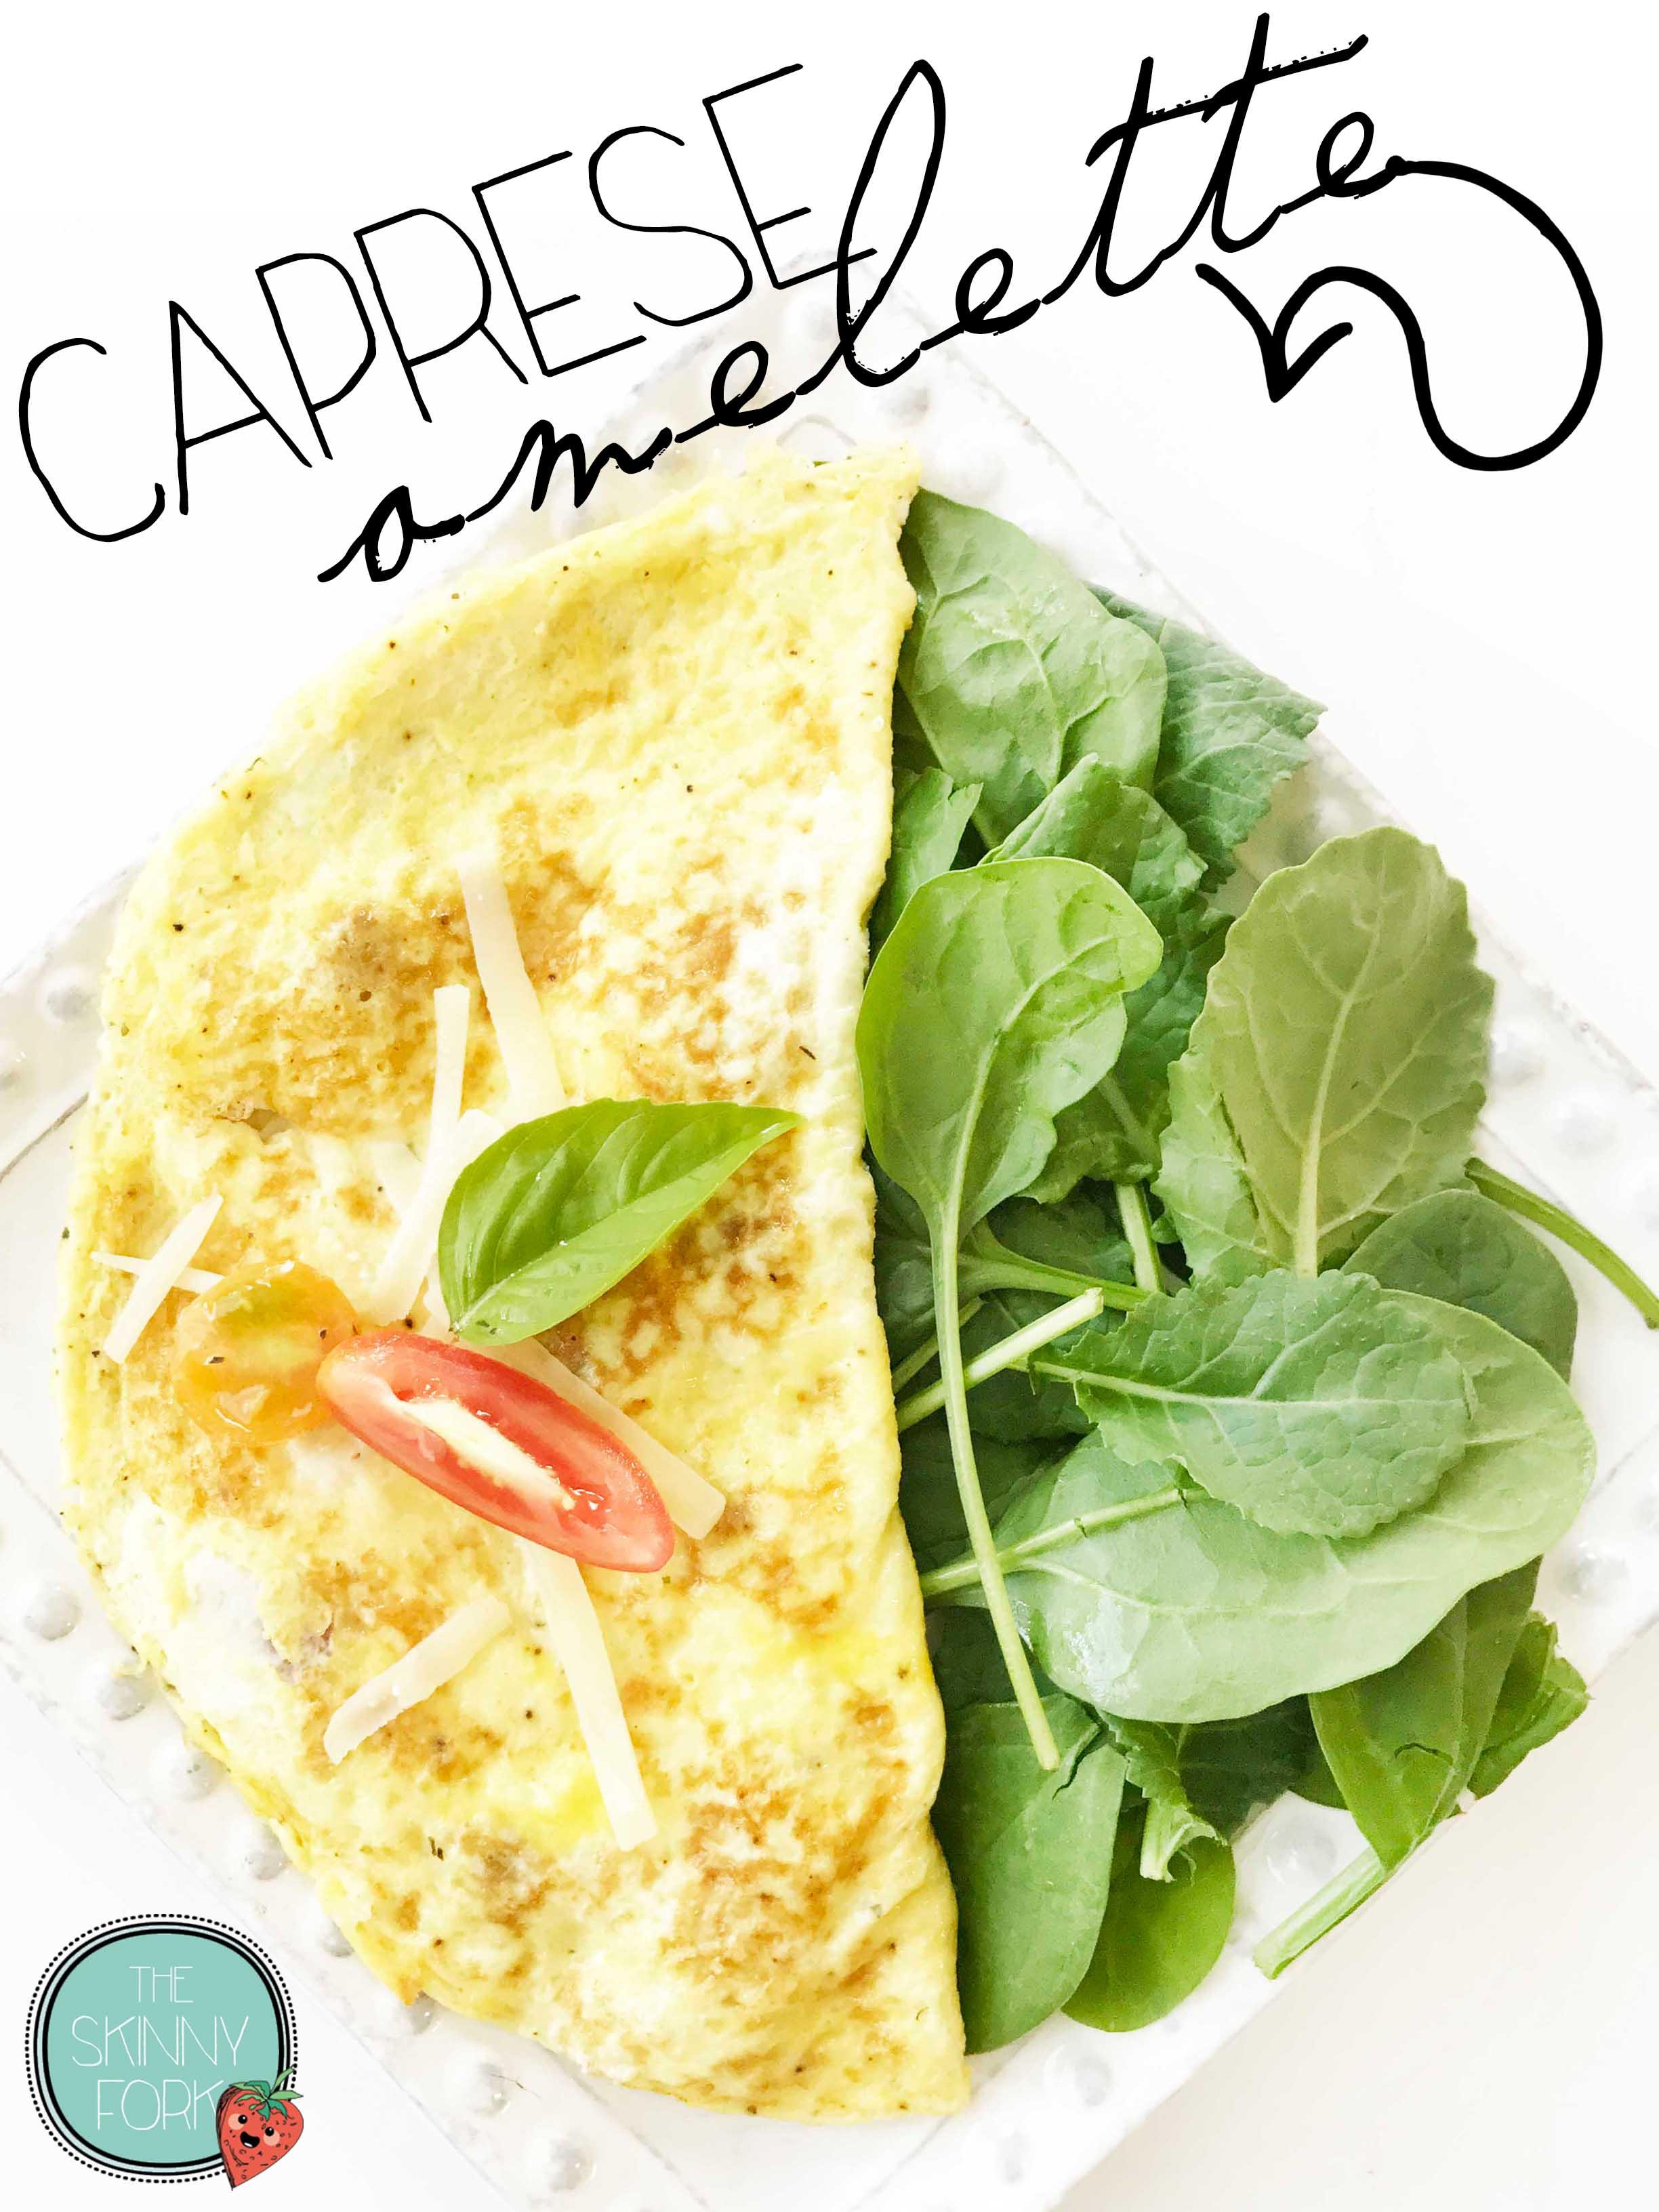 caprese-omelette-pin.jpg